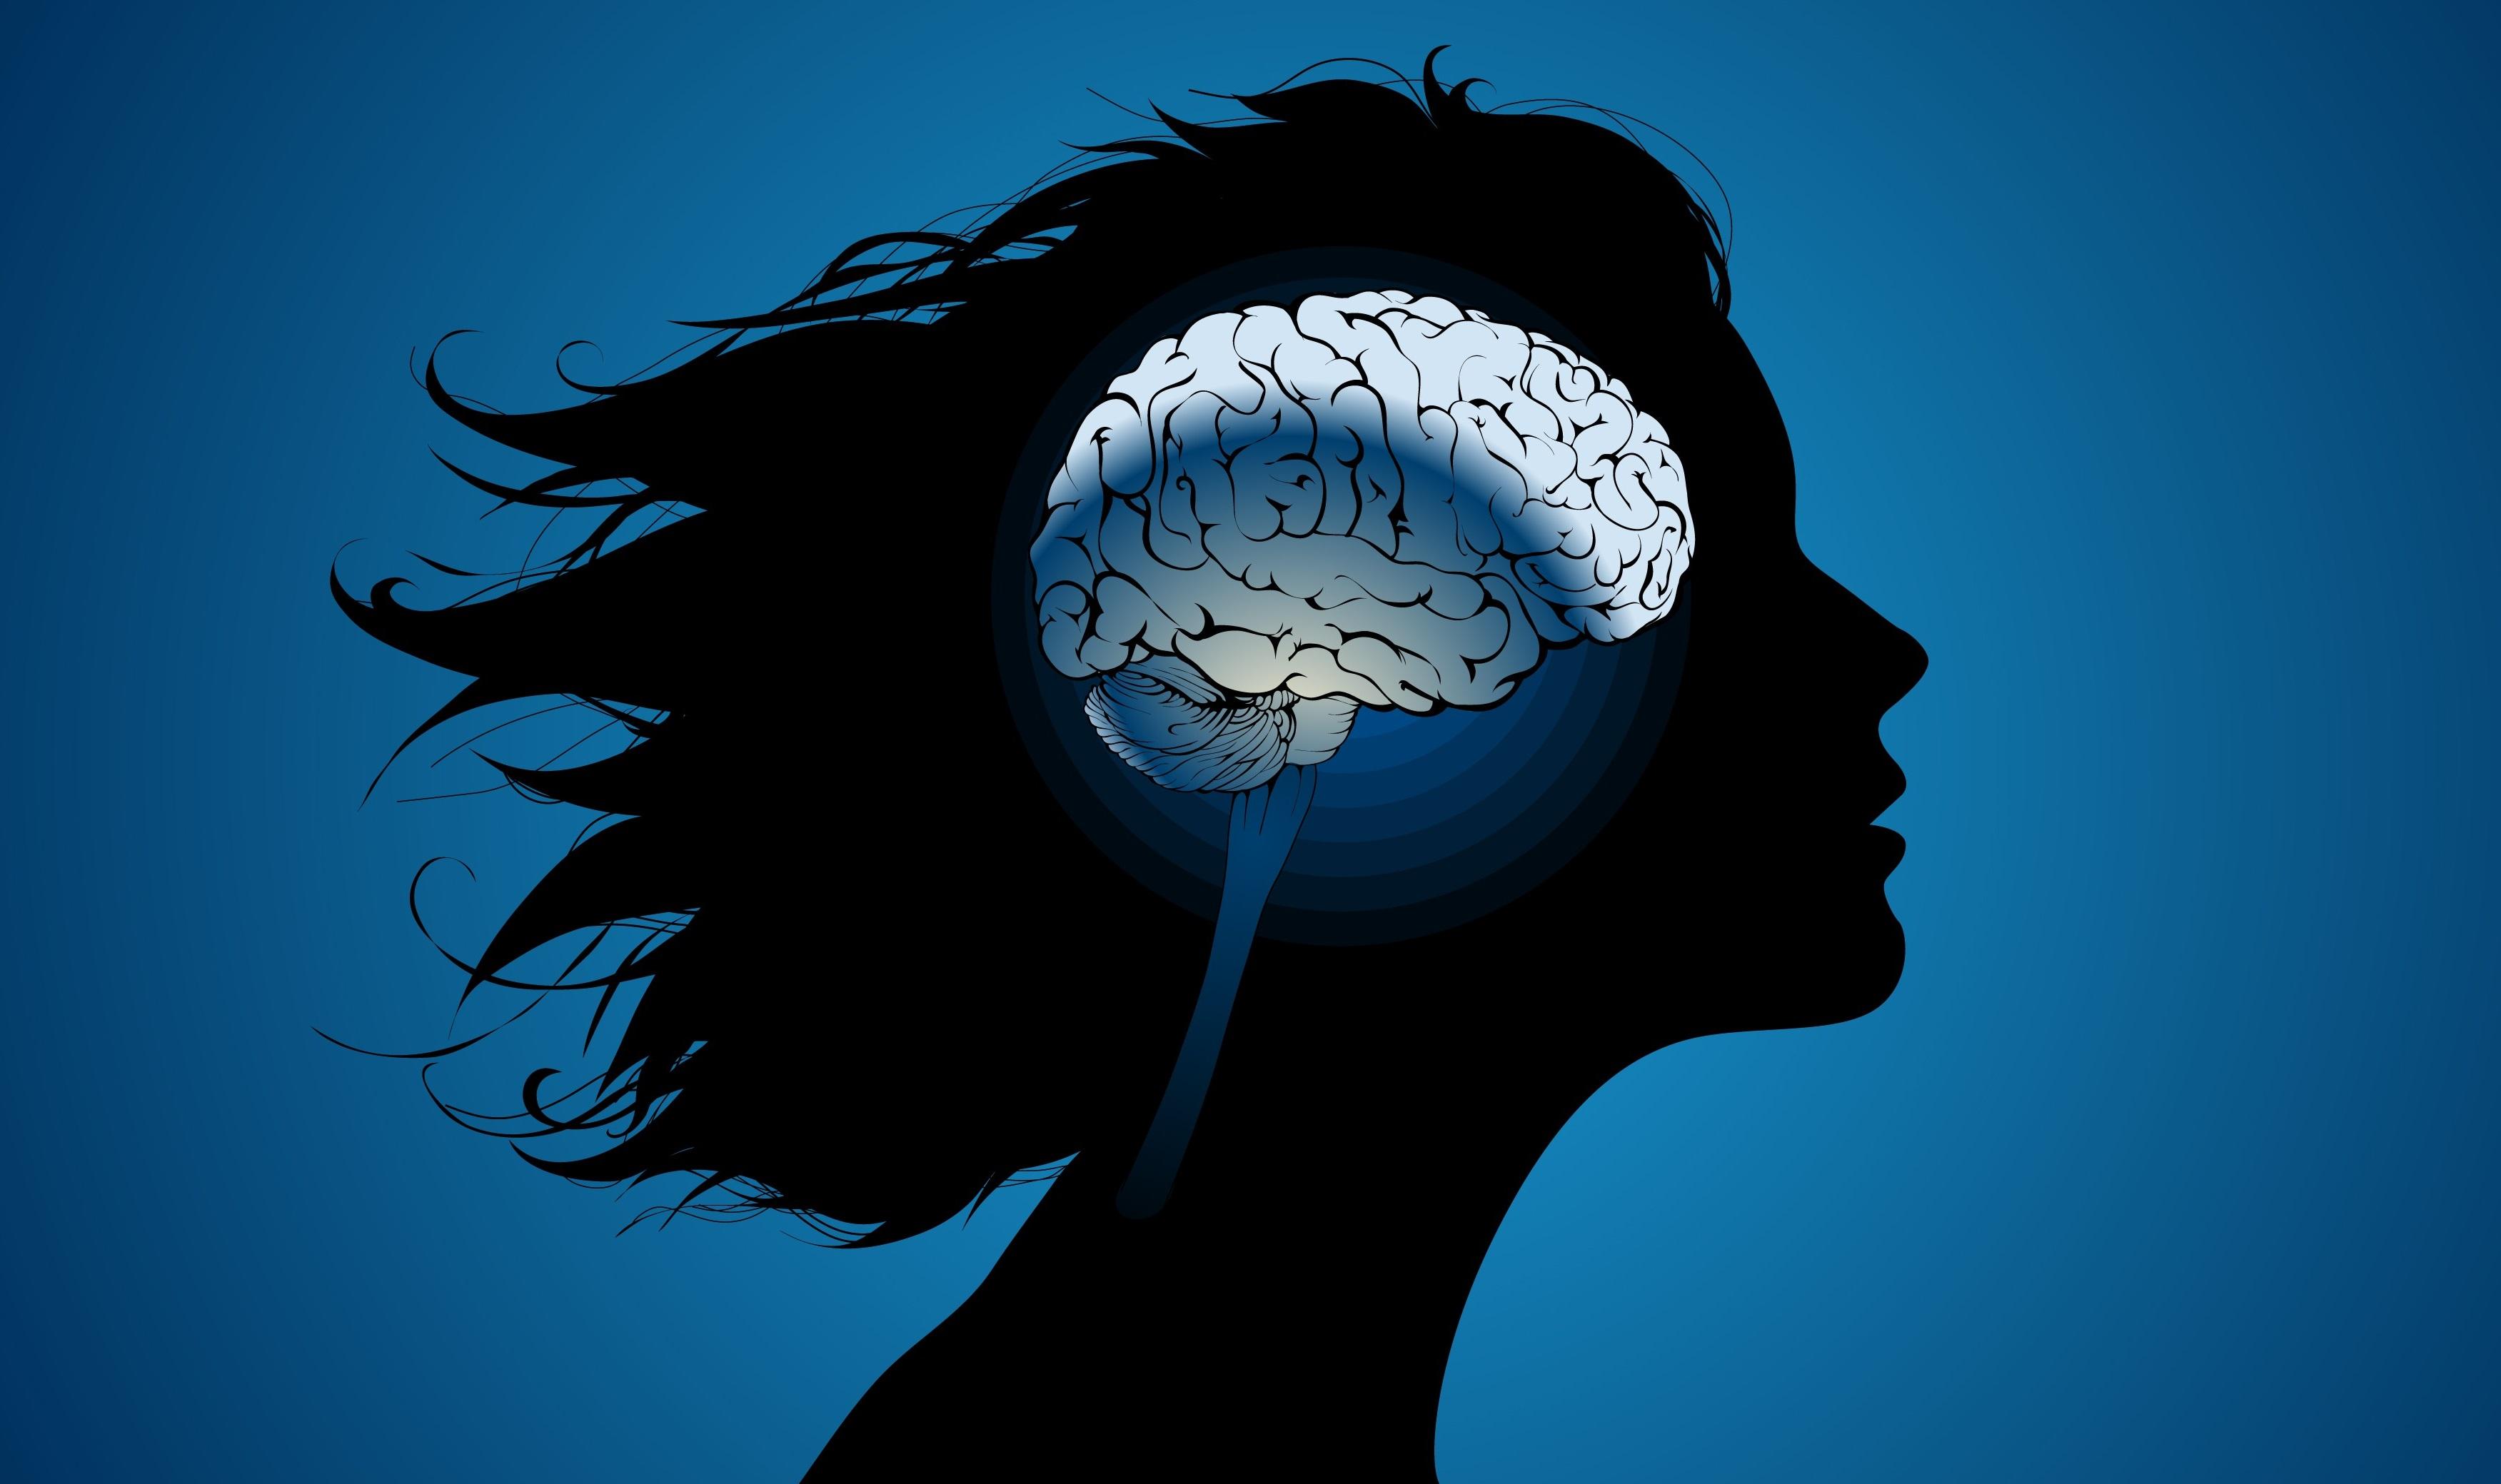 Психическое здоровье человека